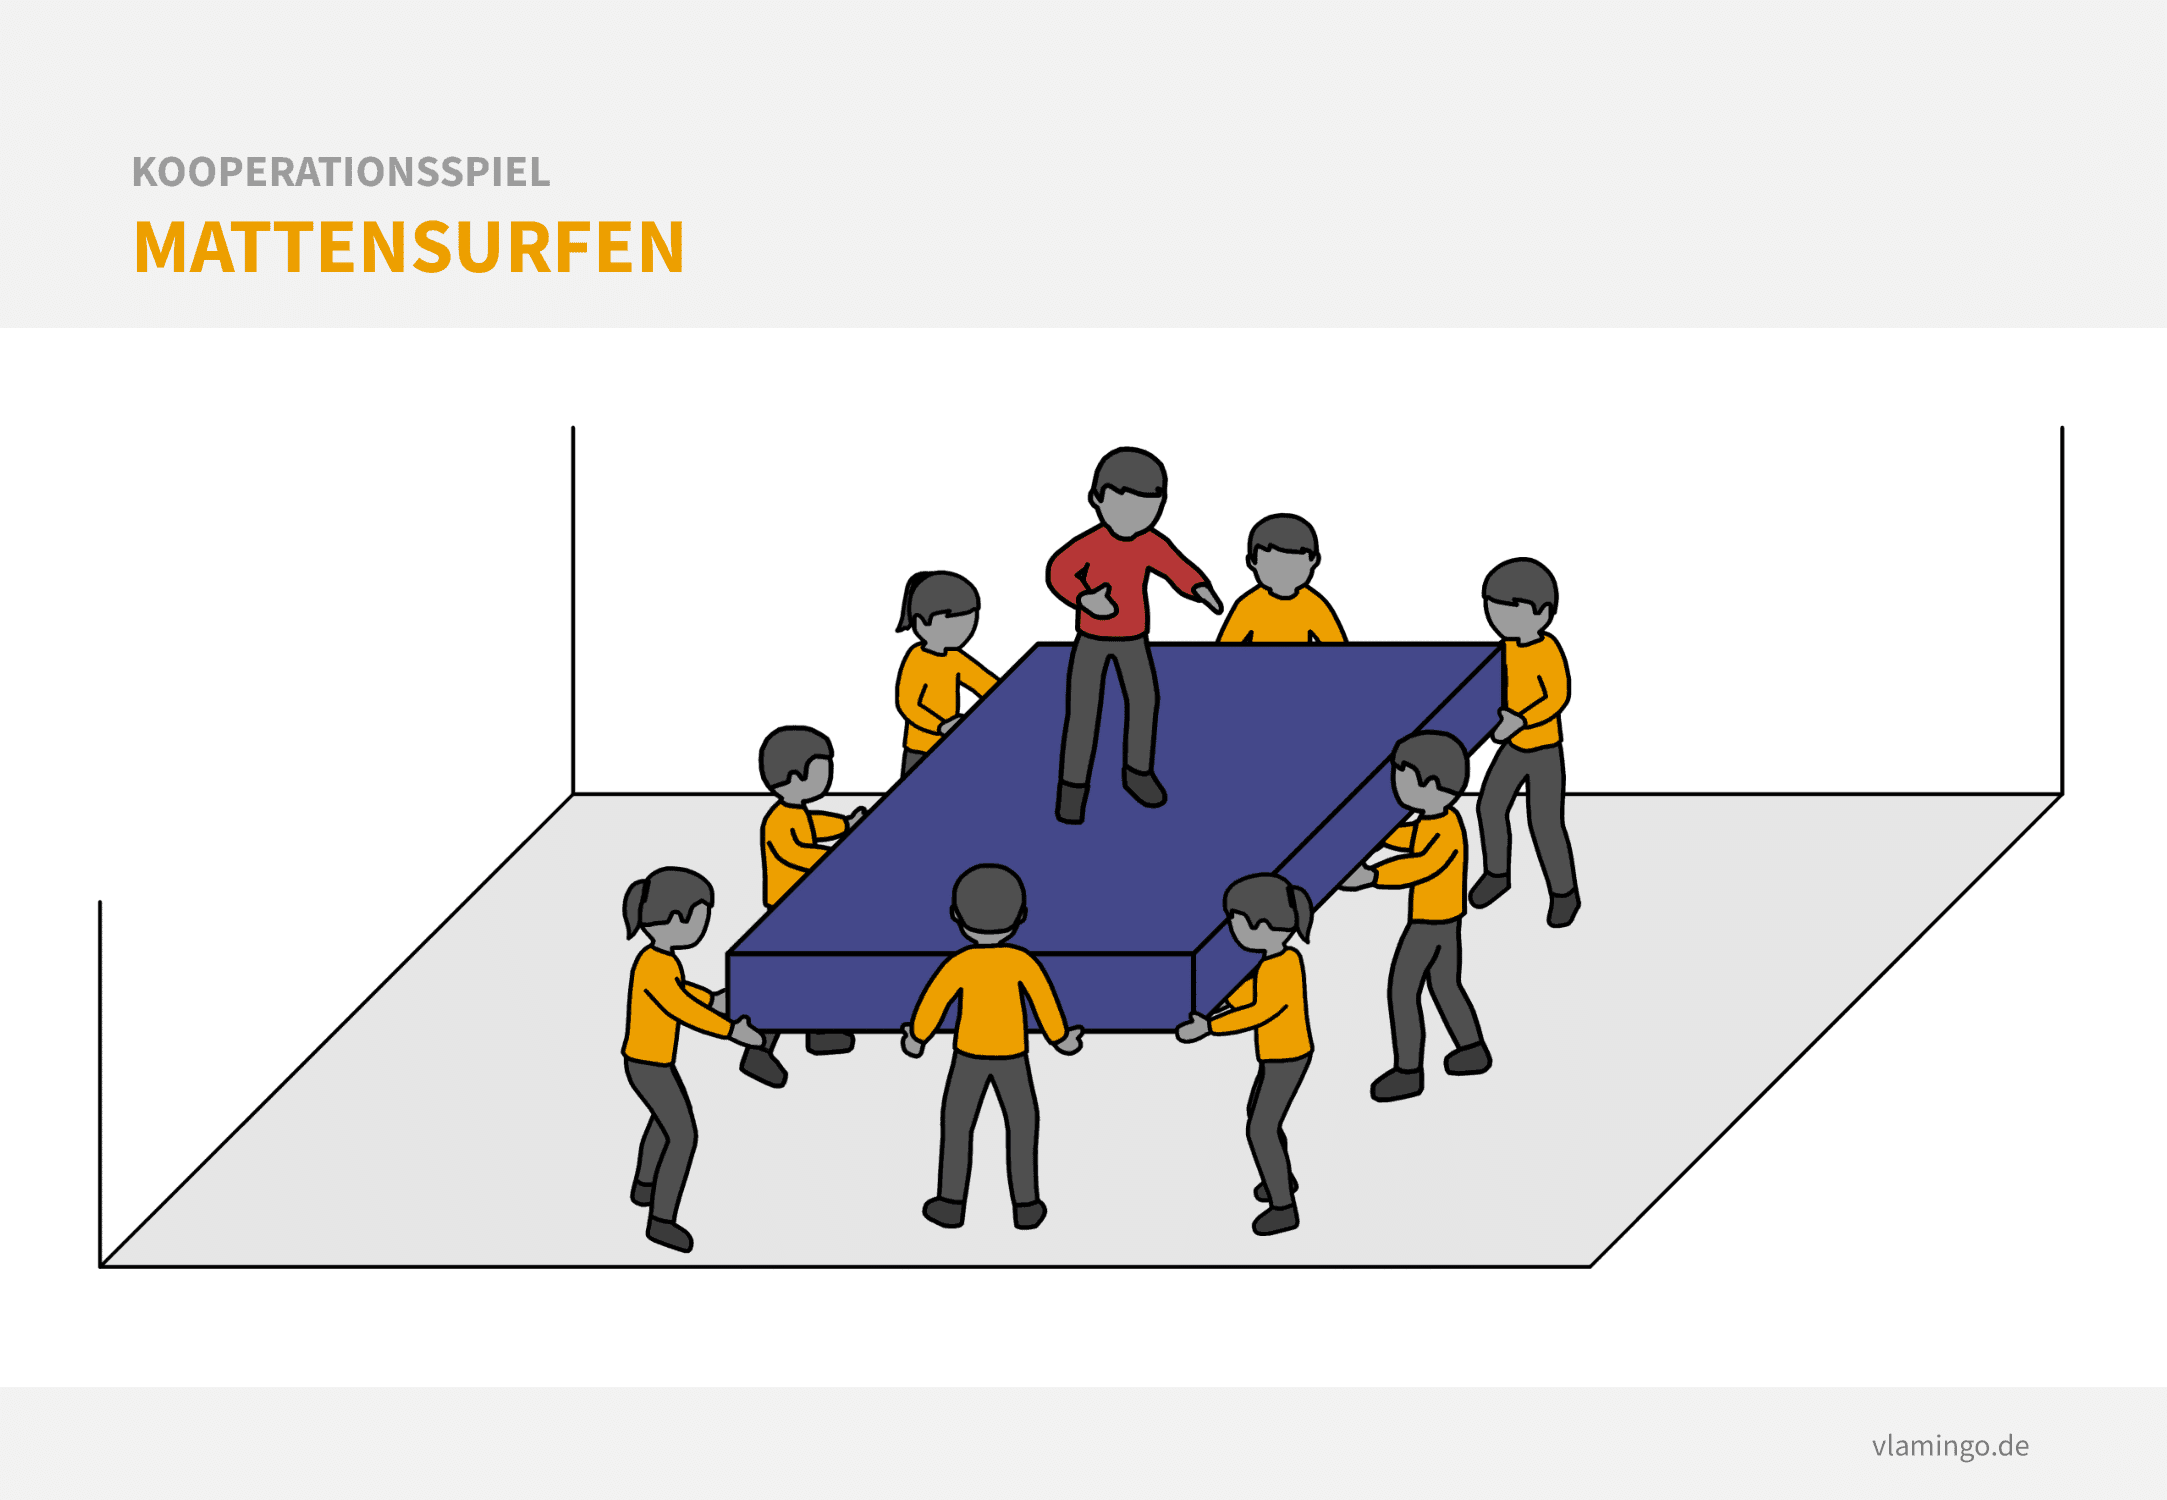 Kooperationsspiel: Mattensurfen